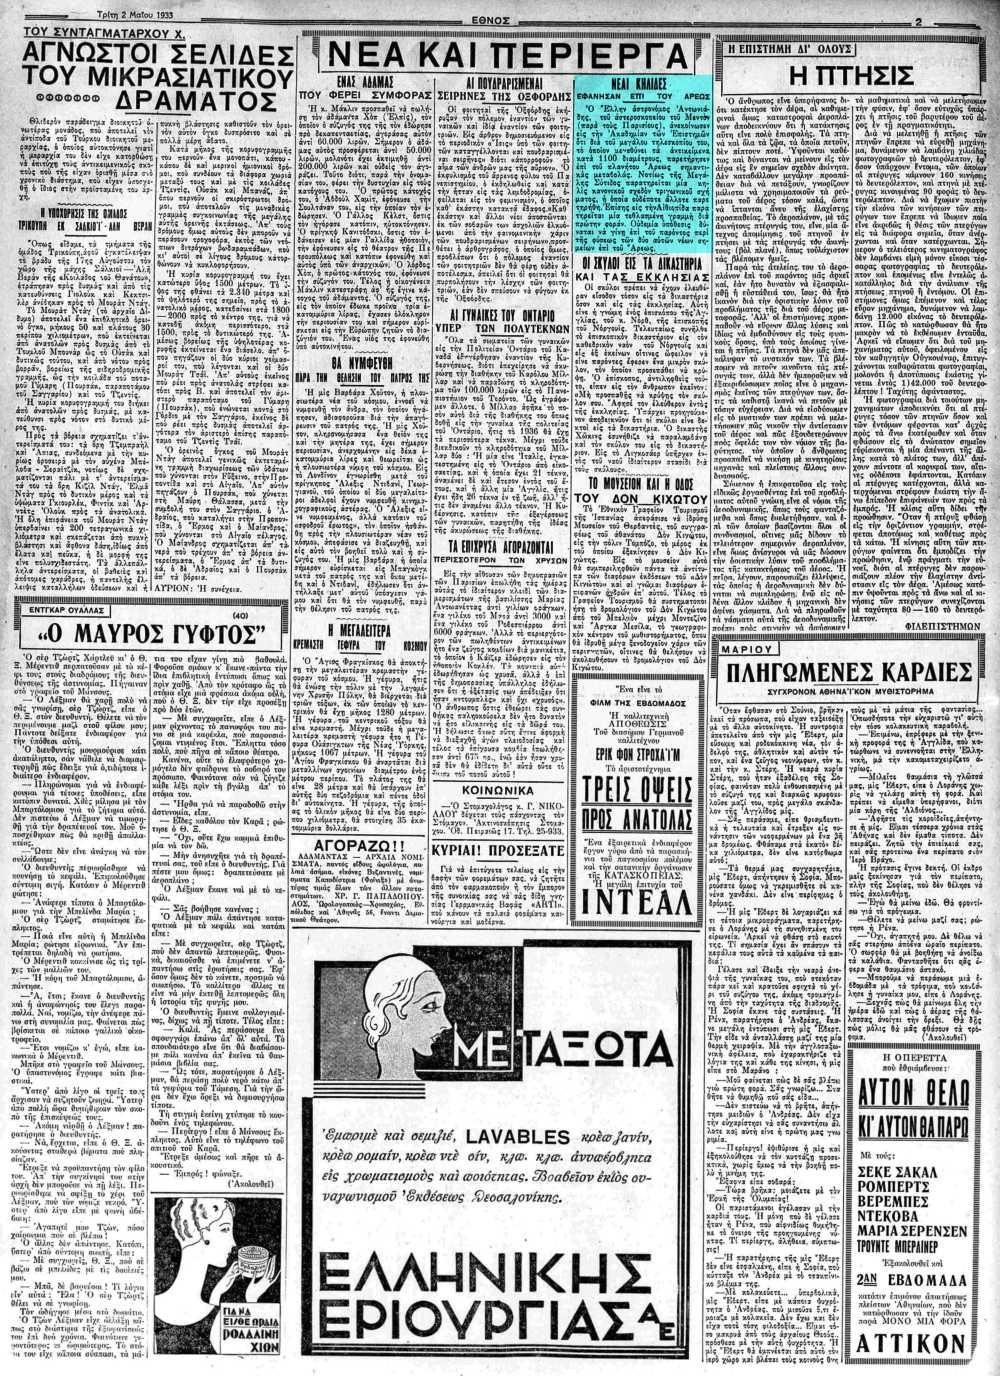 """Το άρθρο, όπως δημοσιεύθηκε στην εφημερίδα """"ΕΘΝΟΣ"""", στις 02/05/1933"""